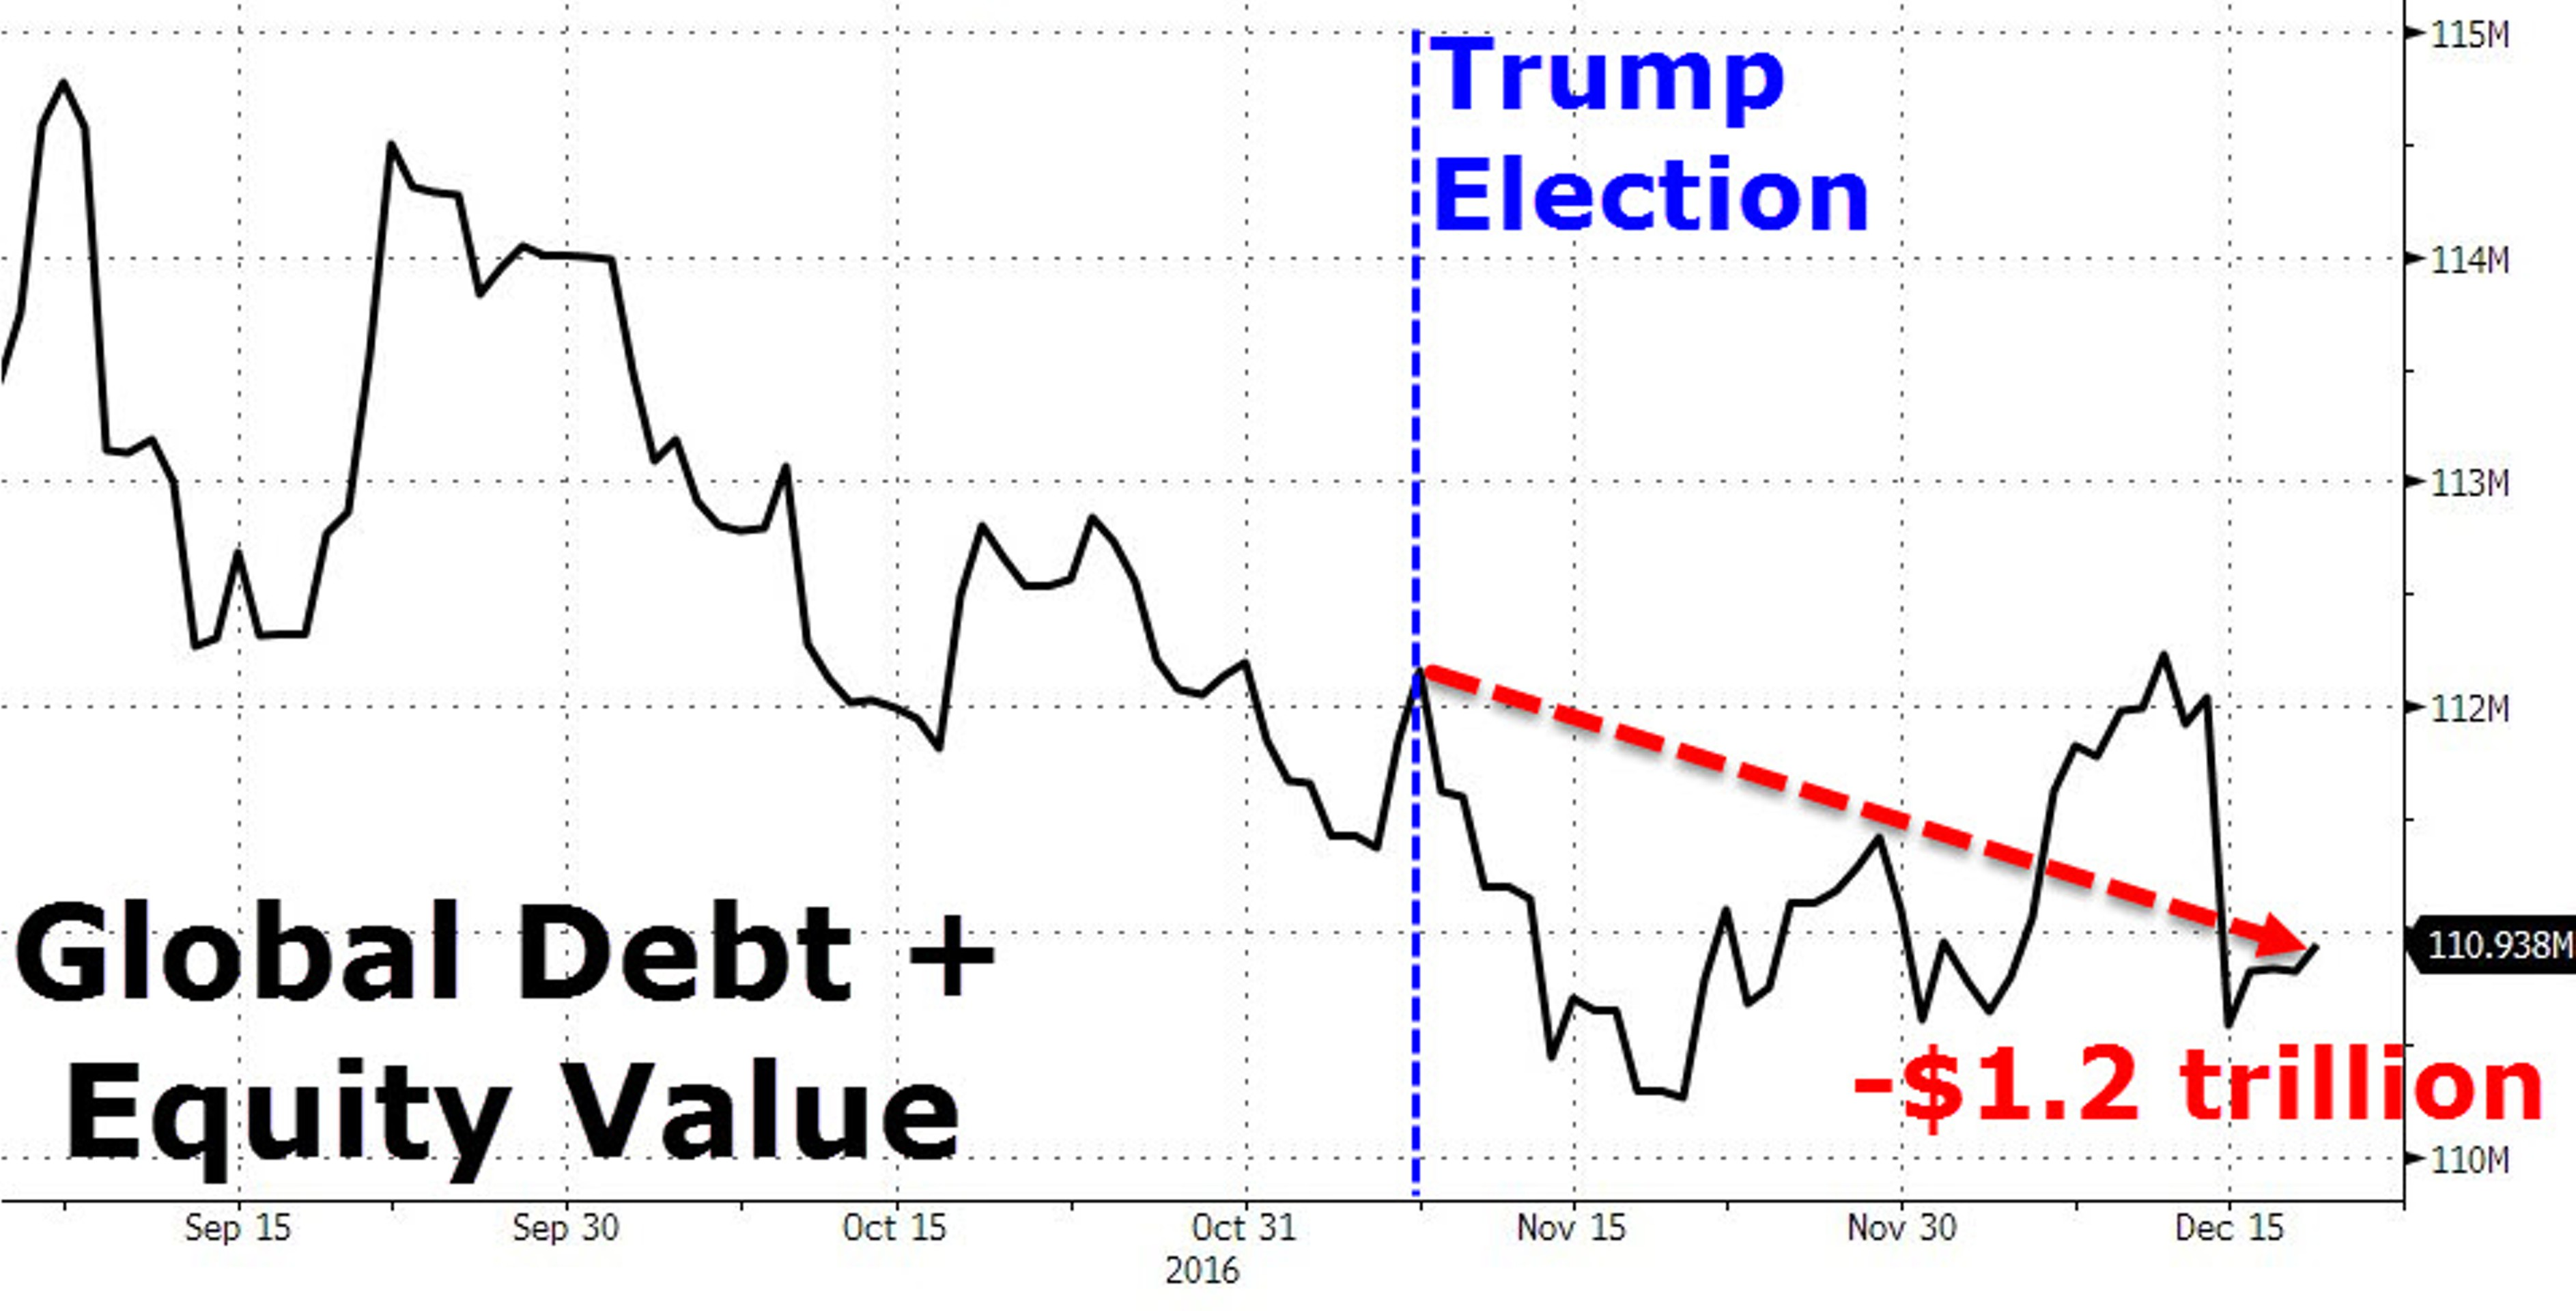 Победа Трампа стоила миру $1,2 трлн